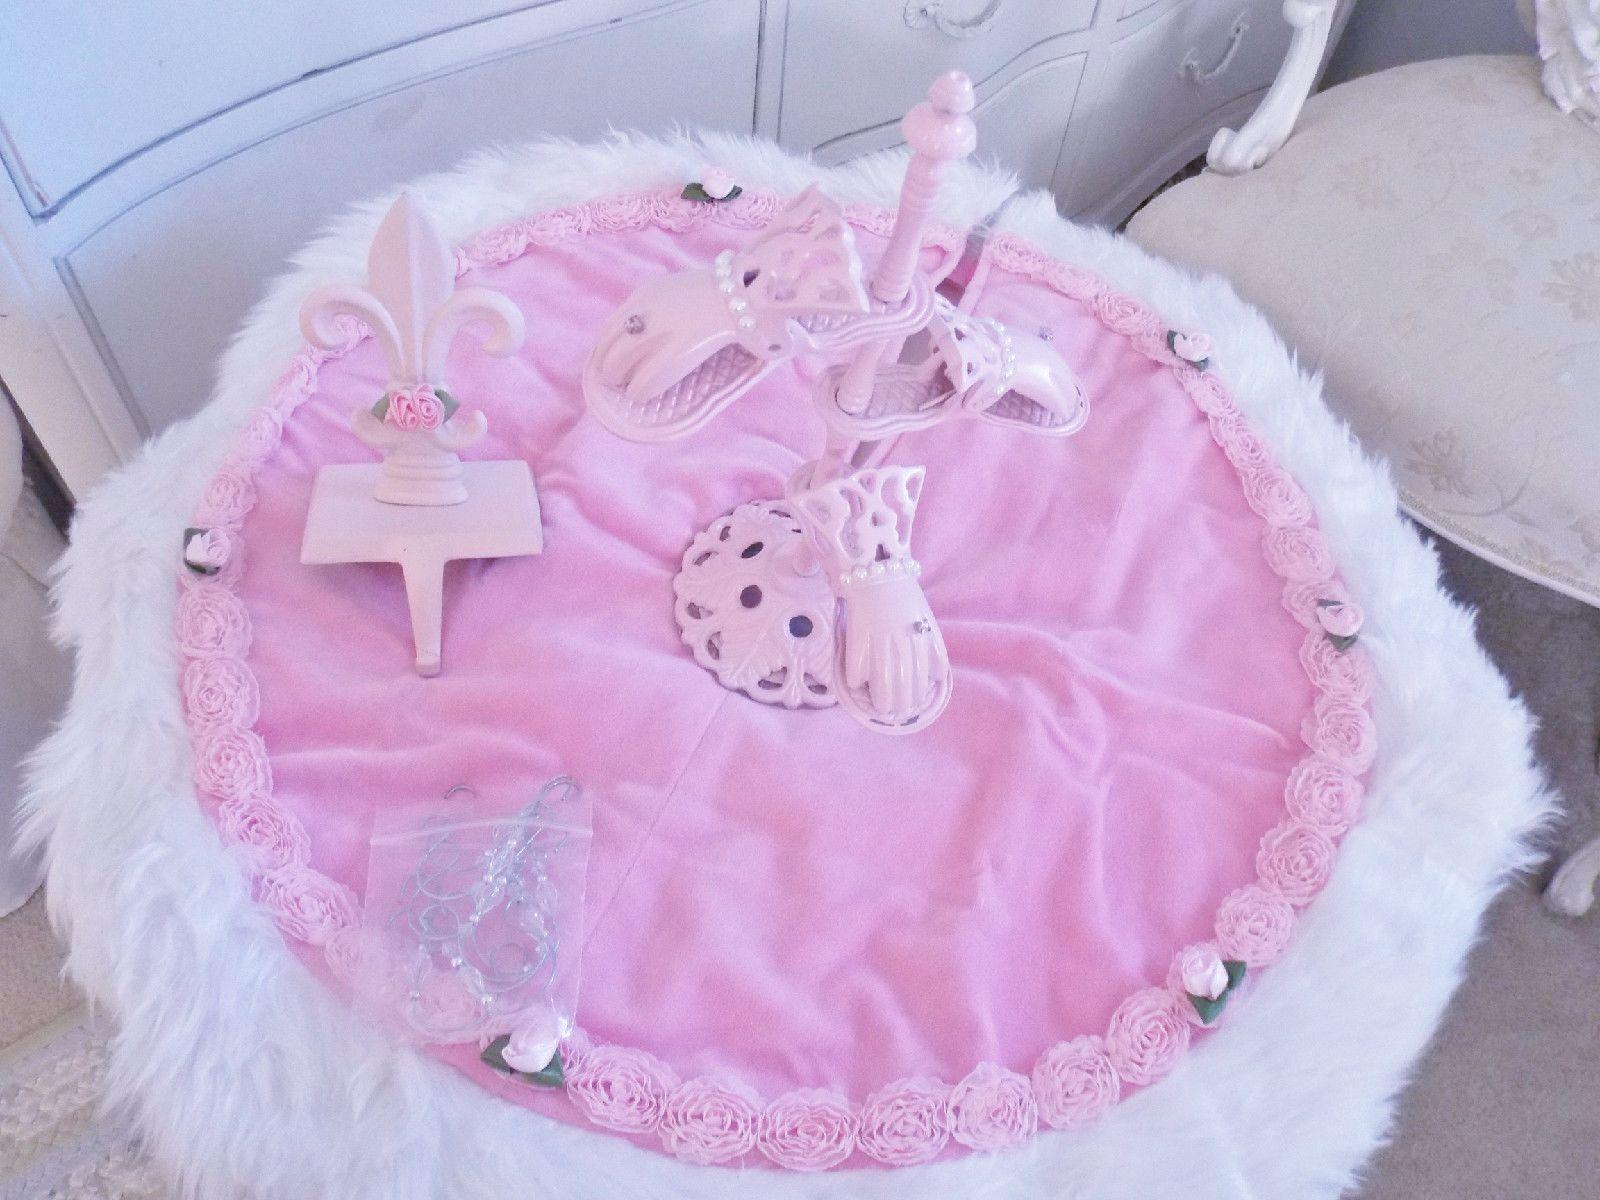 Yummy Pink Velvet Tree Skirt, Card and Stocking Holder